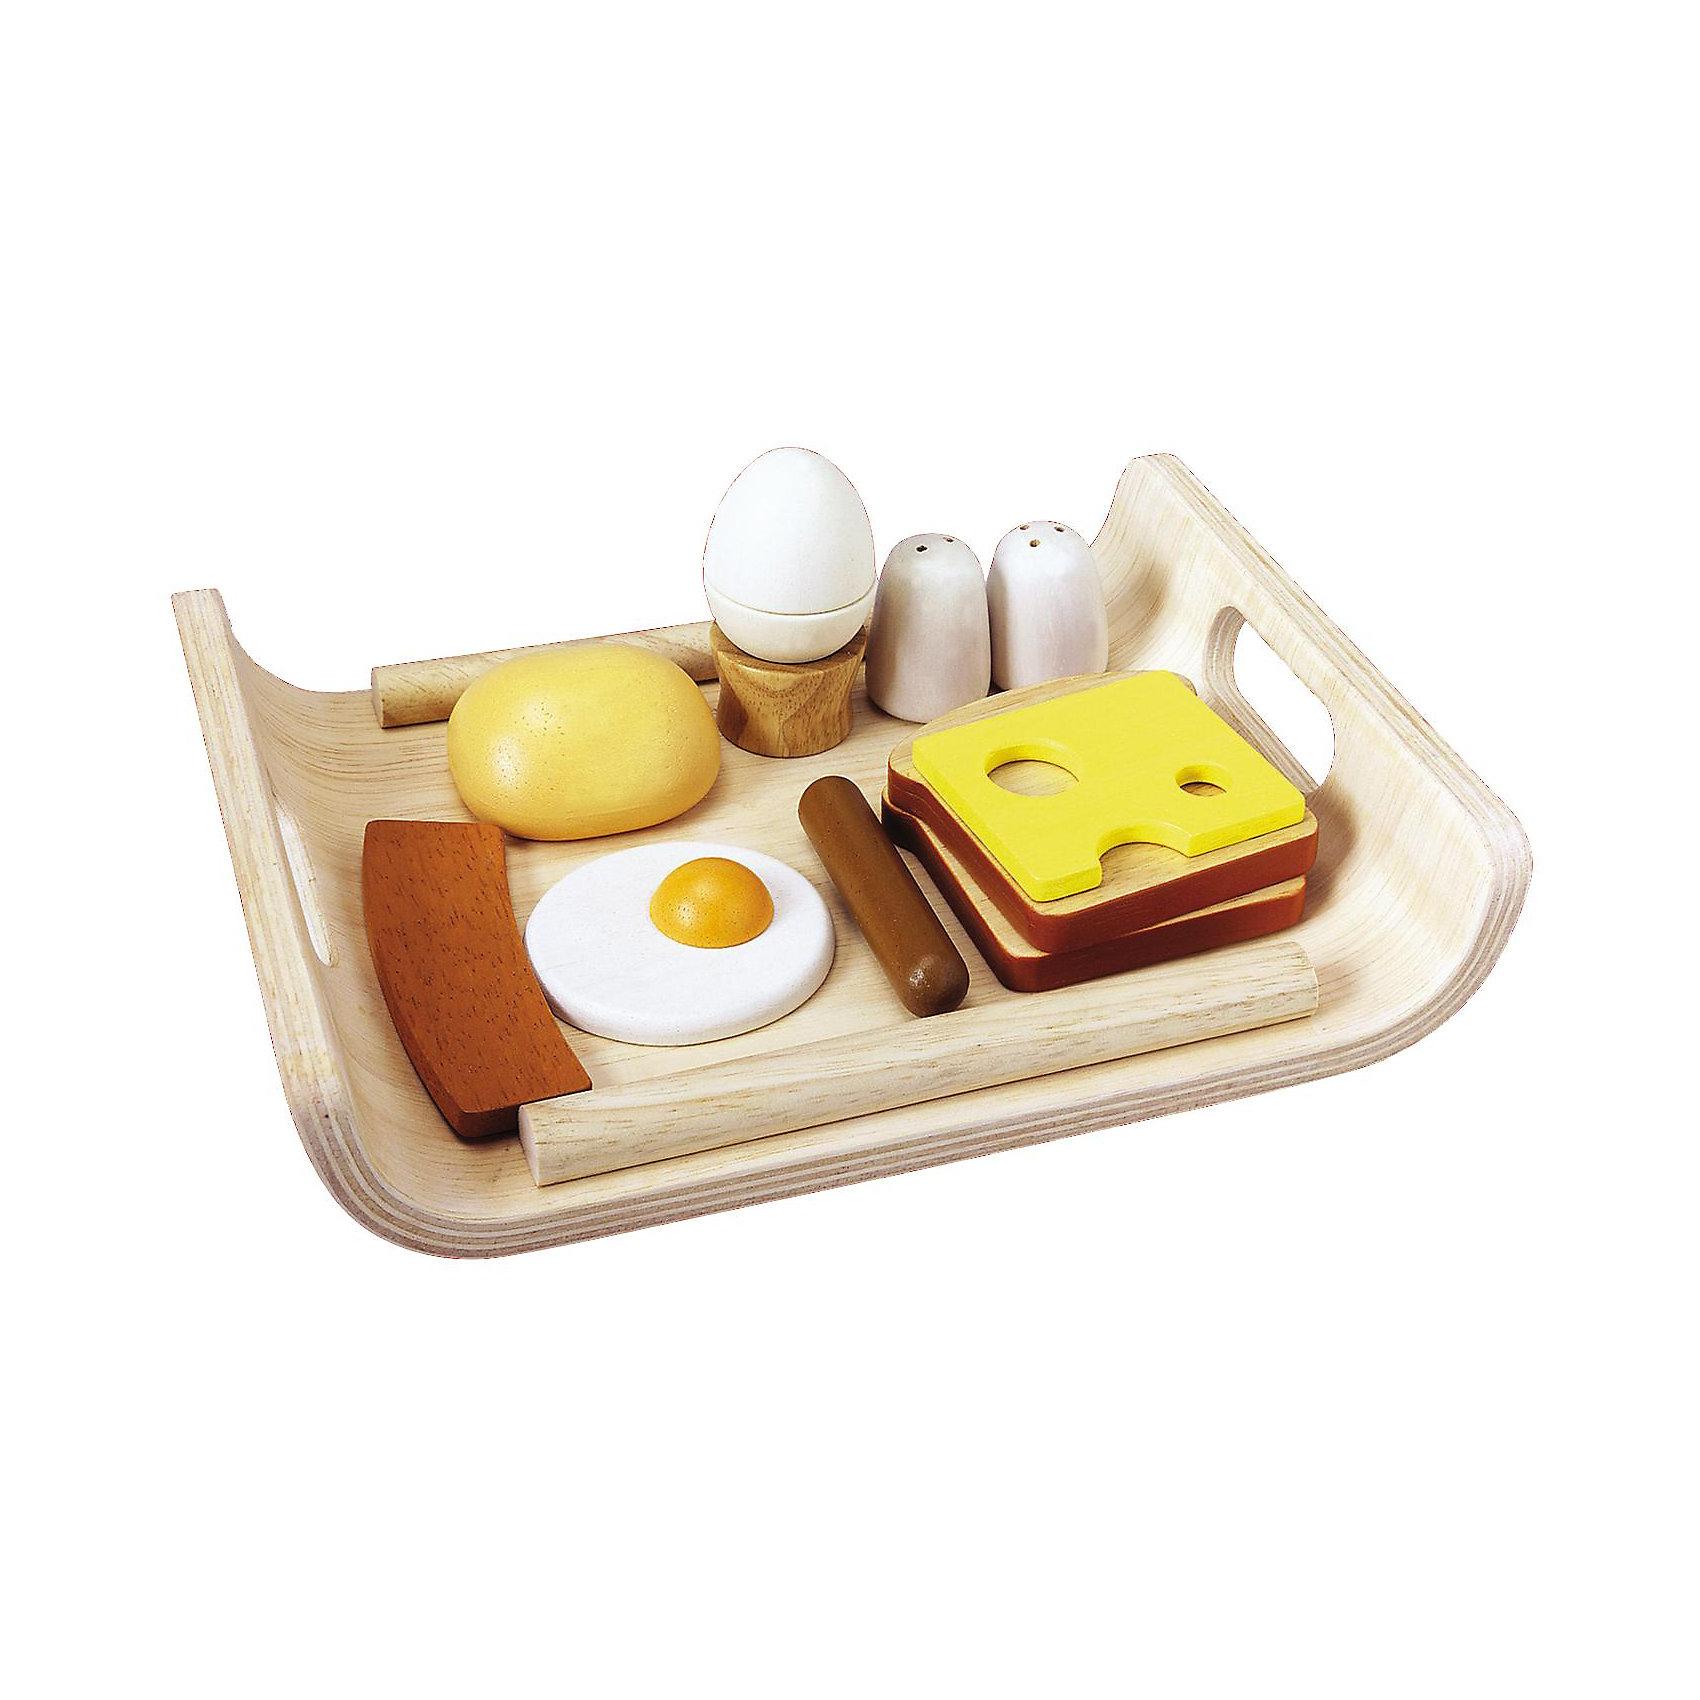 PLAN TOYS 3415 Набор Завтрак на подносеИгрушечные продукты питания<br>Все готово к завтраку! Великолепный набор Завтрак на подносе от PLAN TOYS (План Тойс) 3415 изготовлен из натурального дерева, а продукты на подносе выглядят совсем как настоящие.<br><br>Дополнительная информация:<br><br>- В комплект входят: 2 тоста, 1 булочка, 1 сосиска, 1 кусочек ветчины, 1 кусочек сыра, 1 яичница, 1 вареное яйцо на подставке, солонка, перечница – и все это на подносе. <br>- Материал: дерево<br>- Размеры подноса: 18 x 25,5 x 5,0 см<br><br>PLAN TOYS 3415 Набор Завтрак на подносе можно купить в нашем магазине.<br><br>Ширина мм: 289<br>Глубина мм: 236<br>Высота мм: 68<br>Вес г: 650<br>Возраст от месяцев: 36<br>Возраст до месяцев: 60<br>Пол: Унисекс<br>Возраст: Детский<br>SKU: 2017229